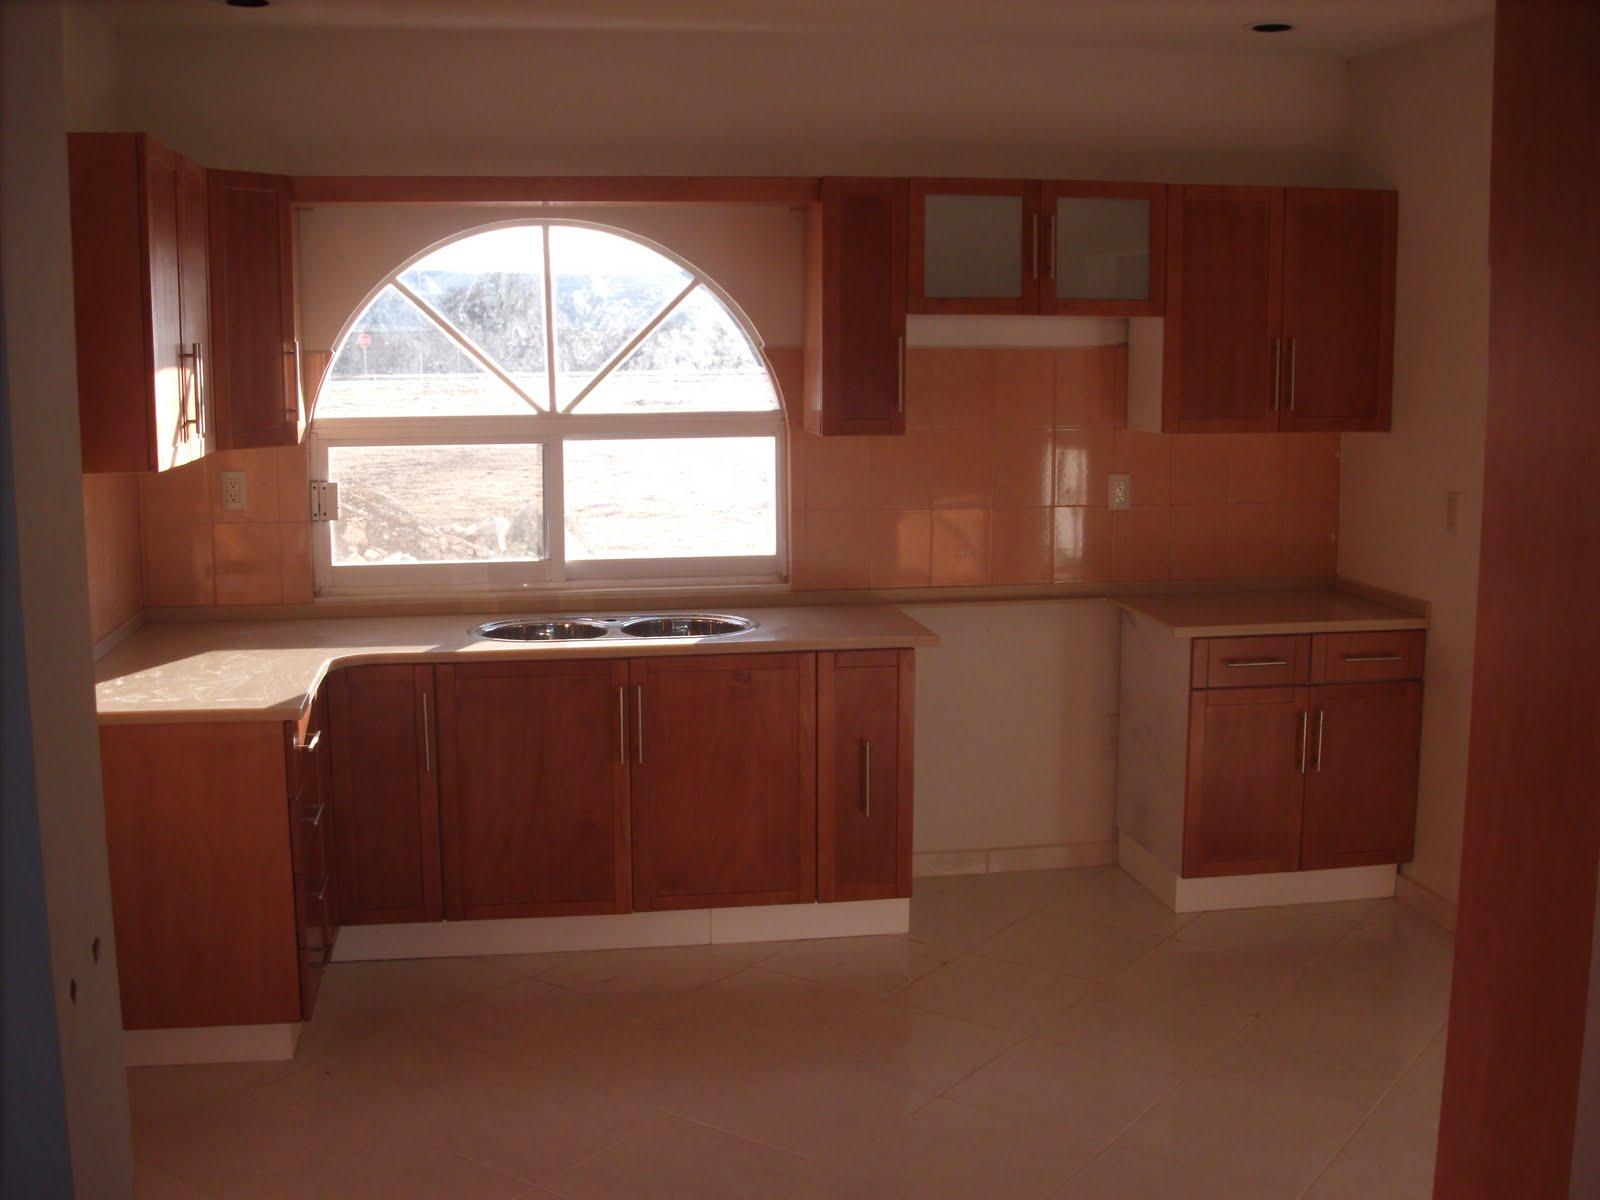 Heynez cocinas modernas cocina con superficie solida heynez - Puertas de cocinas modernas ...